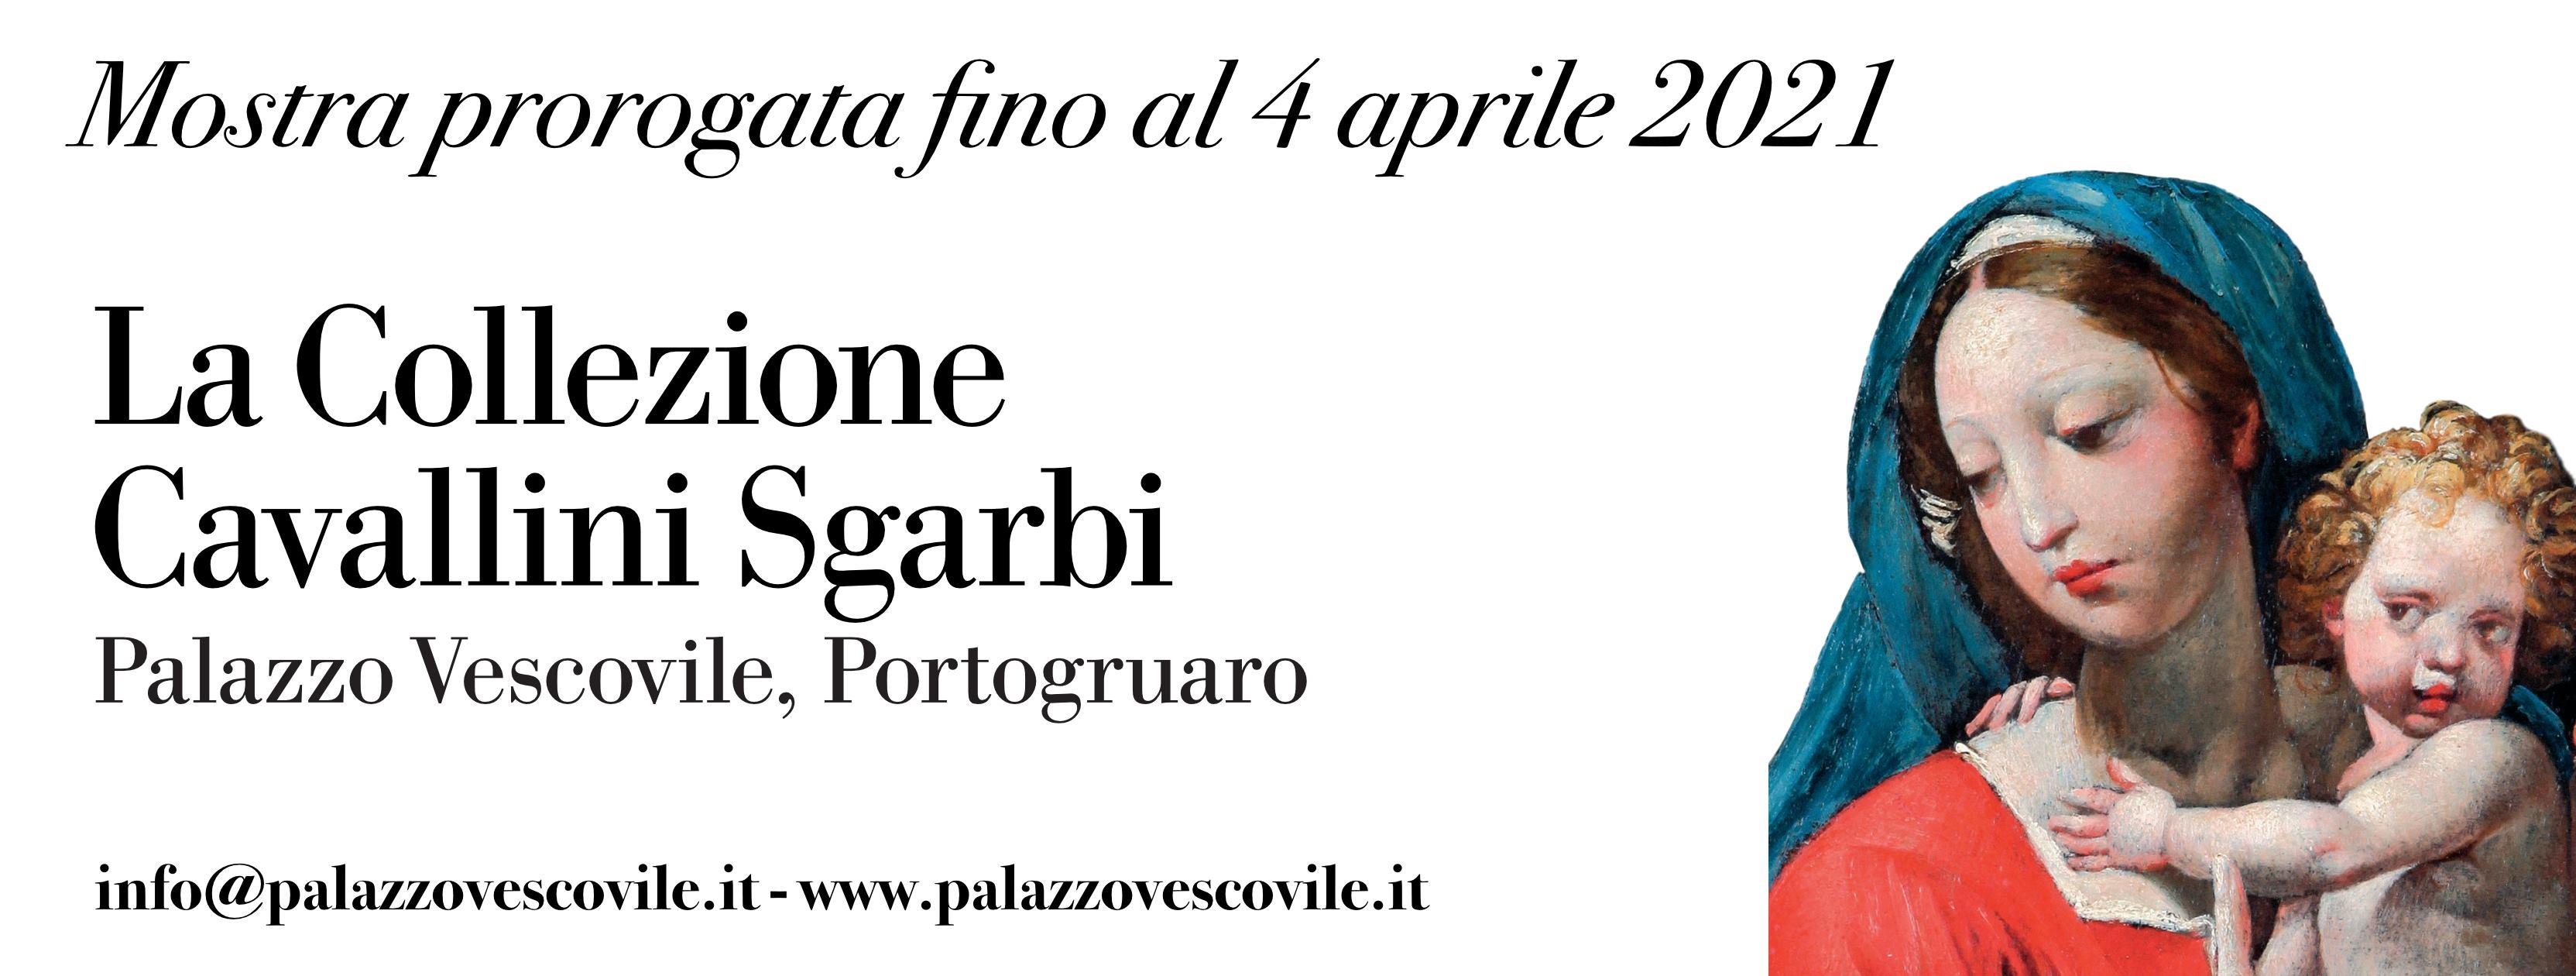 La mostra sulla Collezione Cavallini Sgarbi viene prorogata al 4 aprile